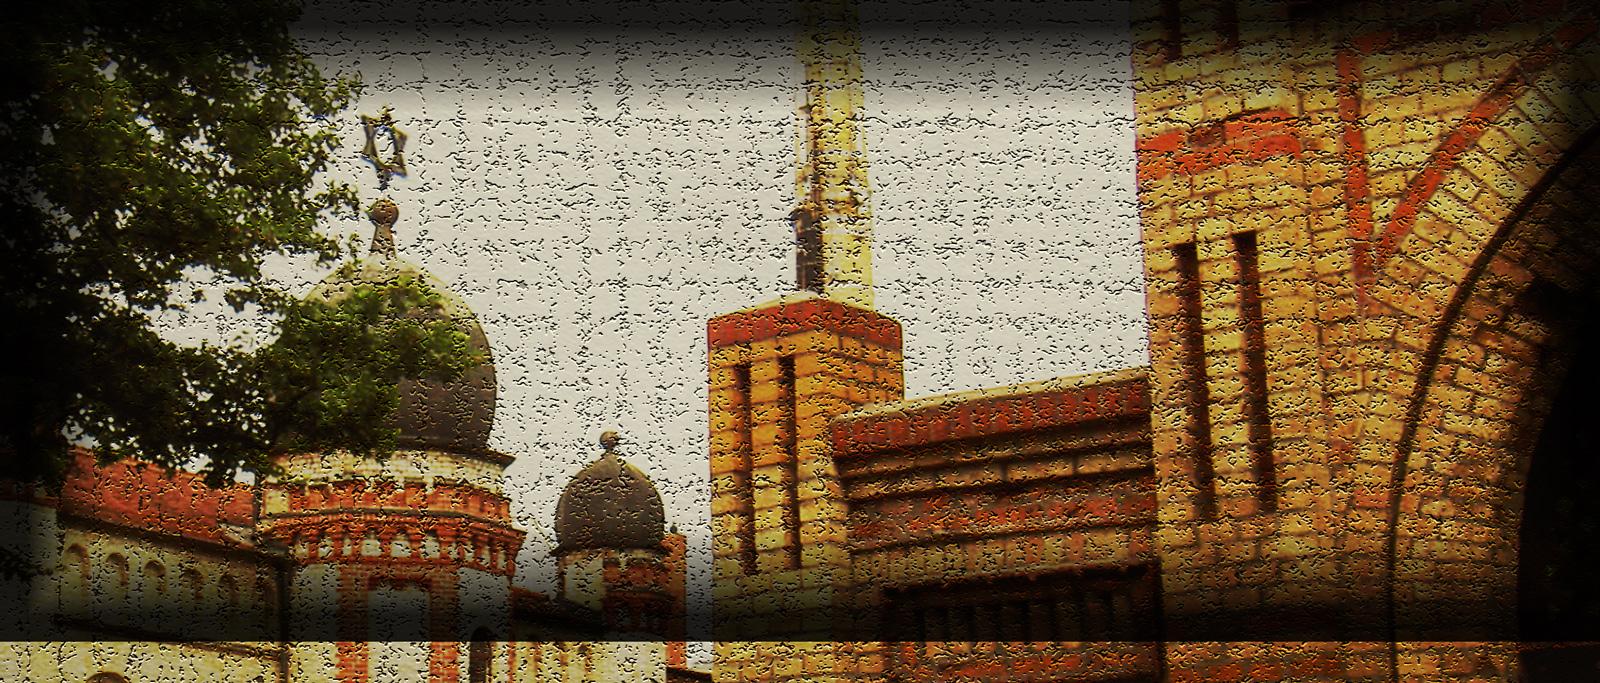 Der Terror von Halle, BDS und die Heuchelei des Netanyahu